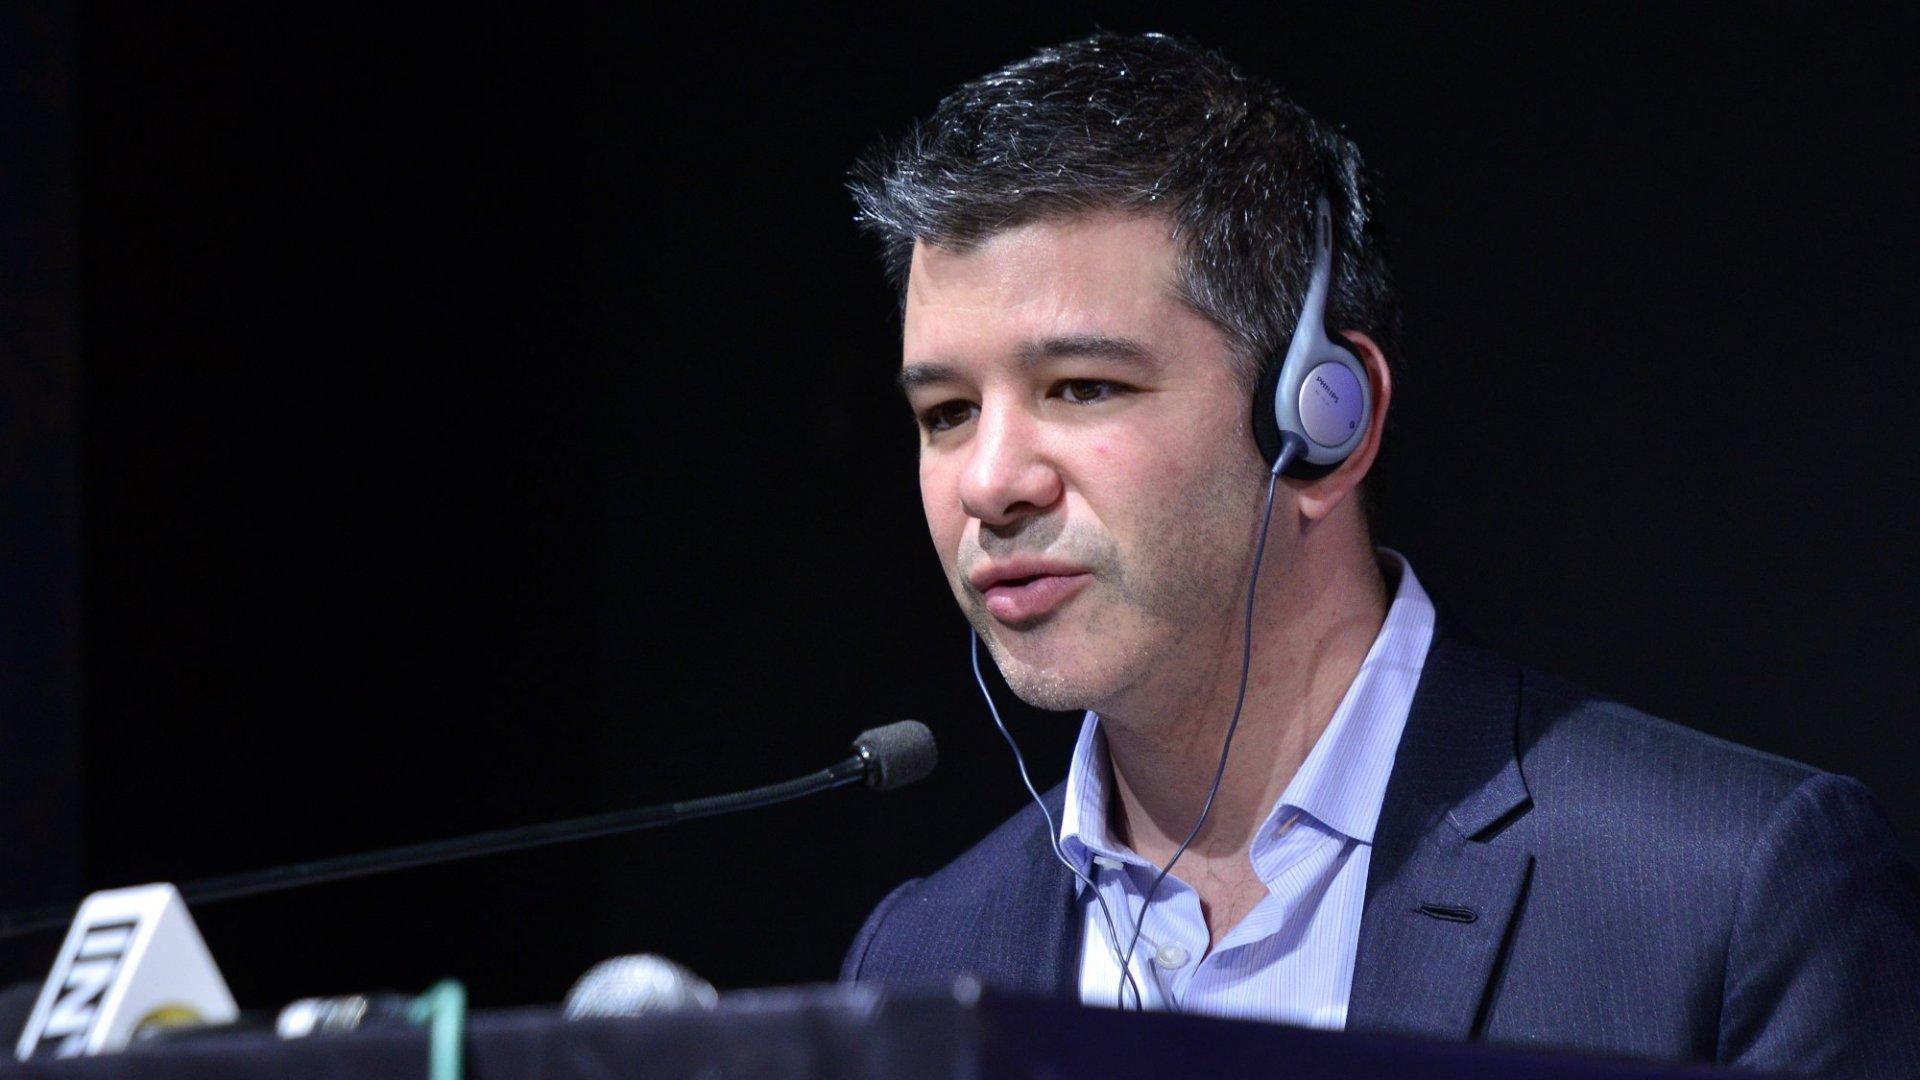 7 Ways Travis Kalanick Could Have Saved His Job at Uber